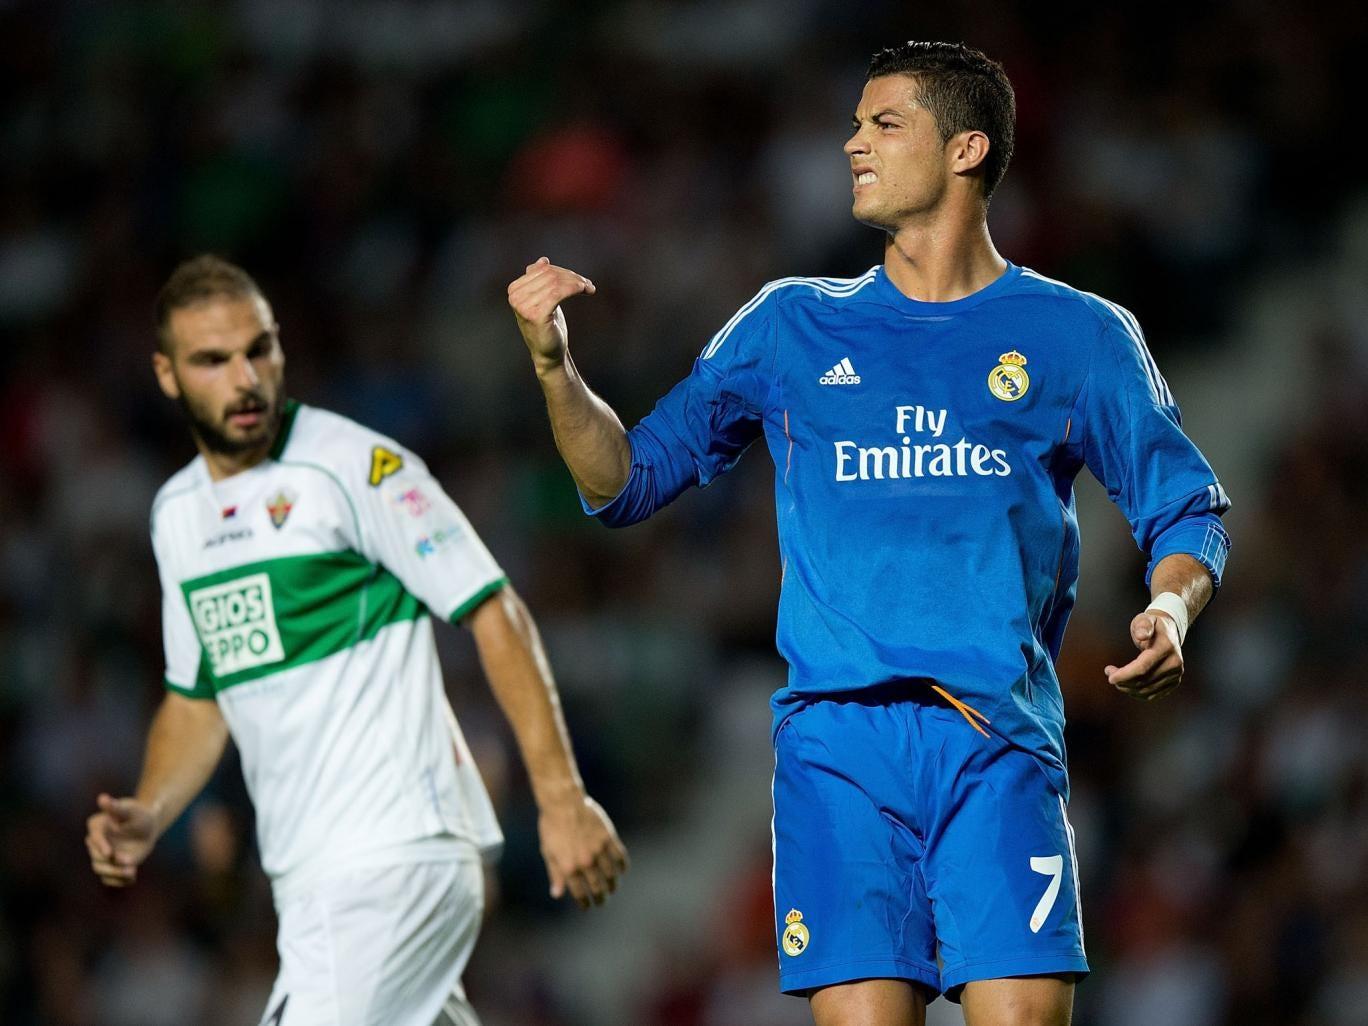 Cristiano Ronaldo pictured in the 2-1 win over Elche